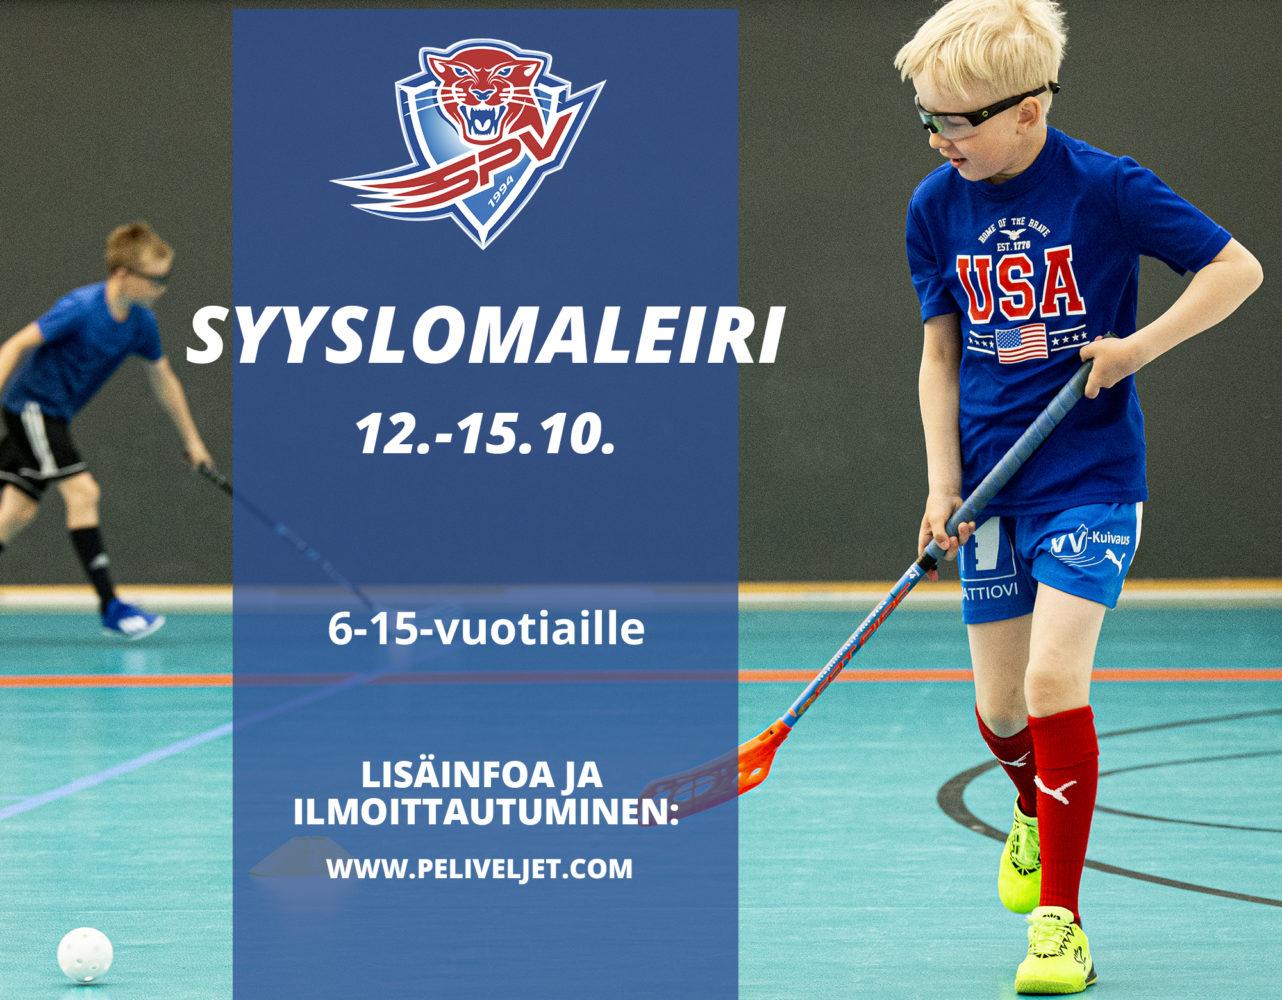 Syyslomaleiri2020